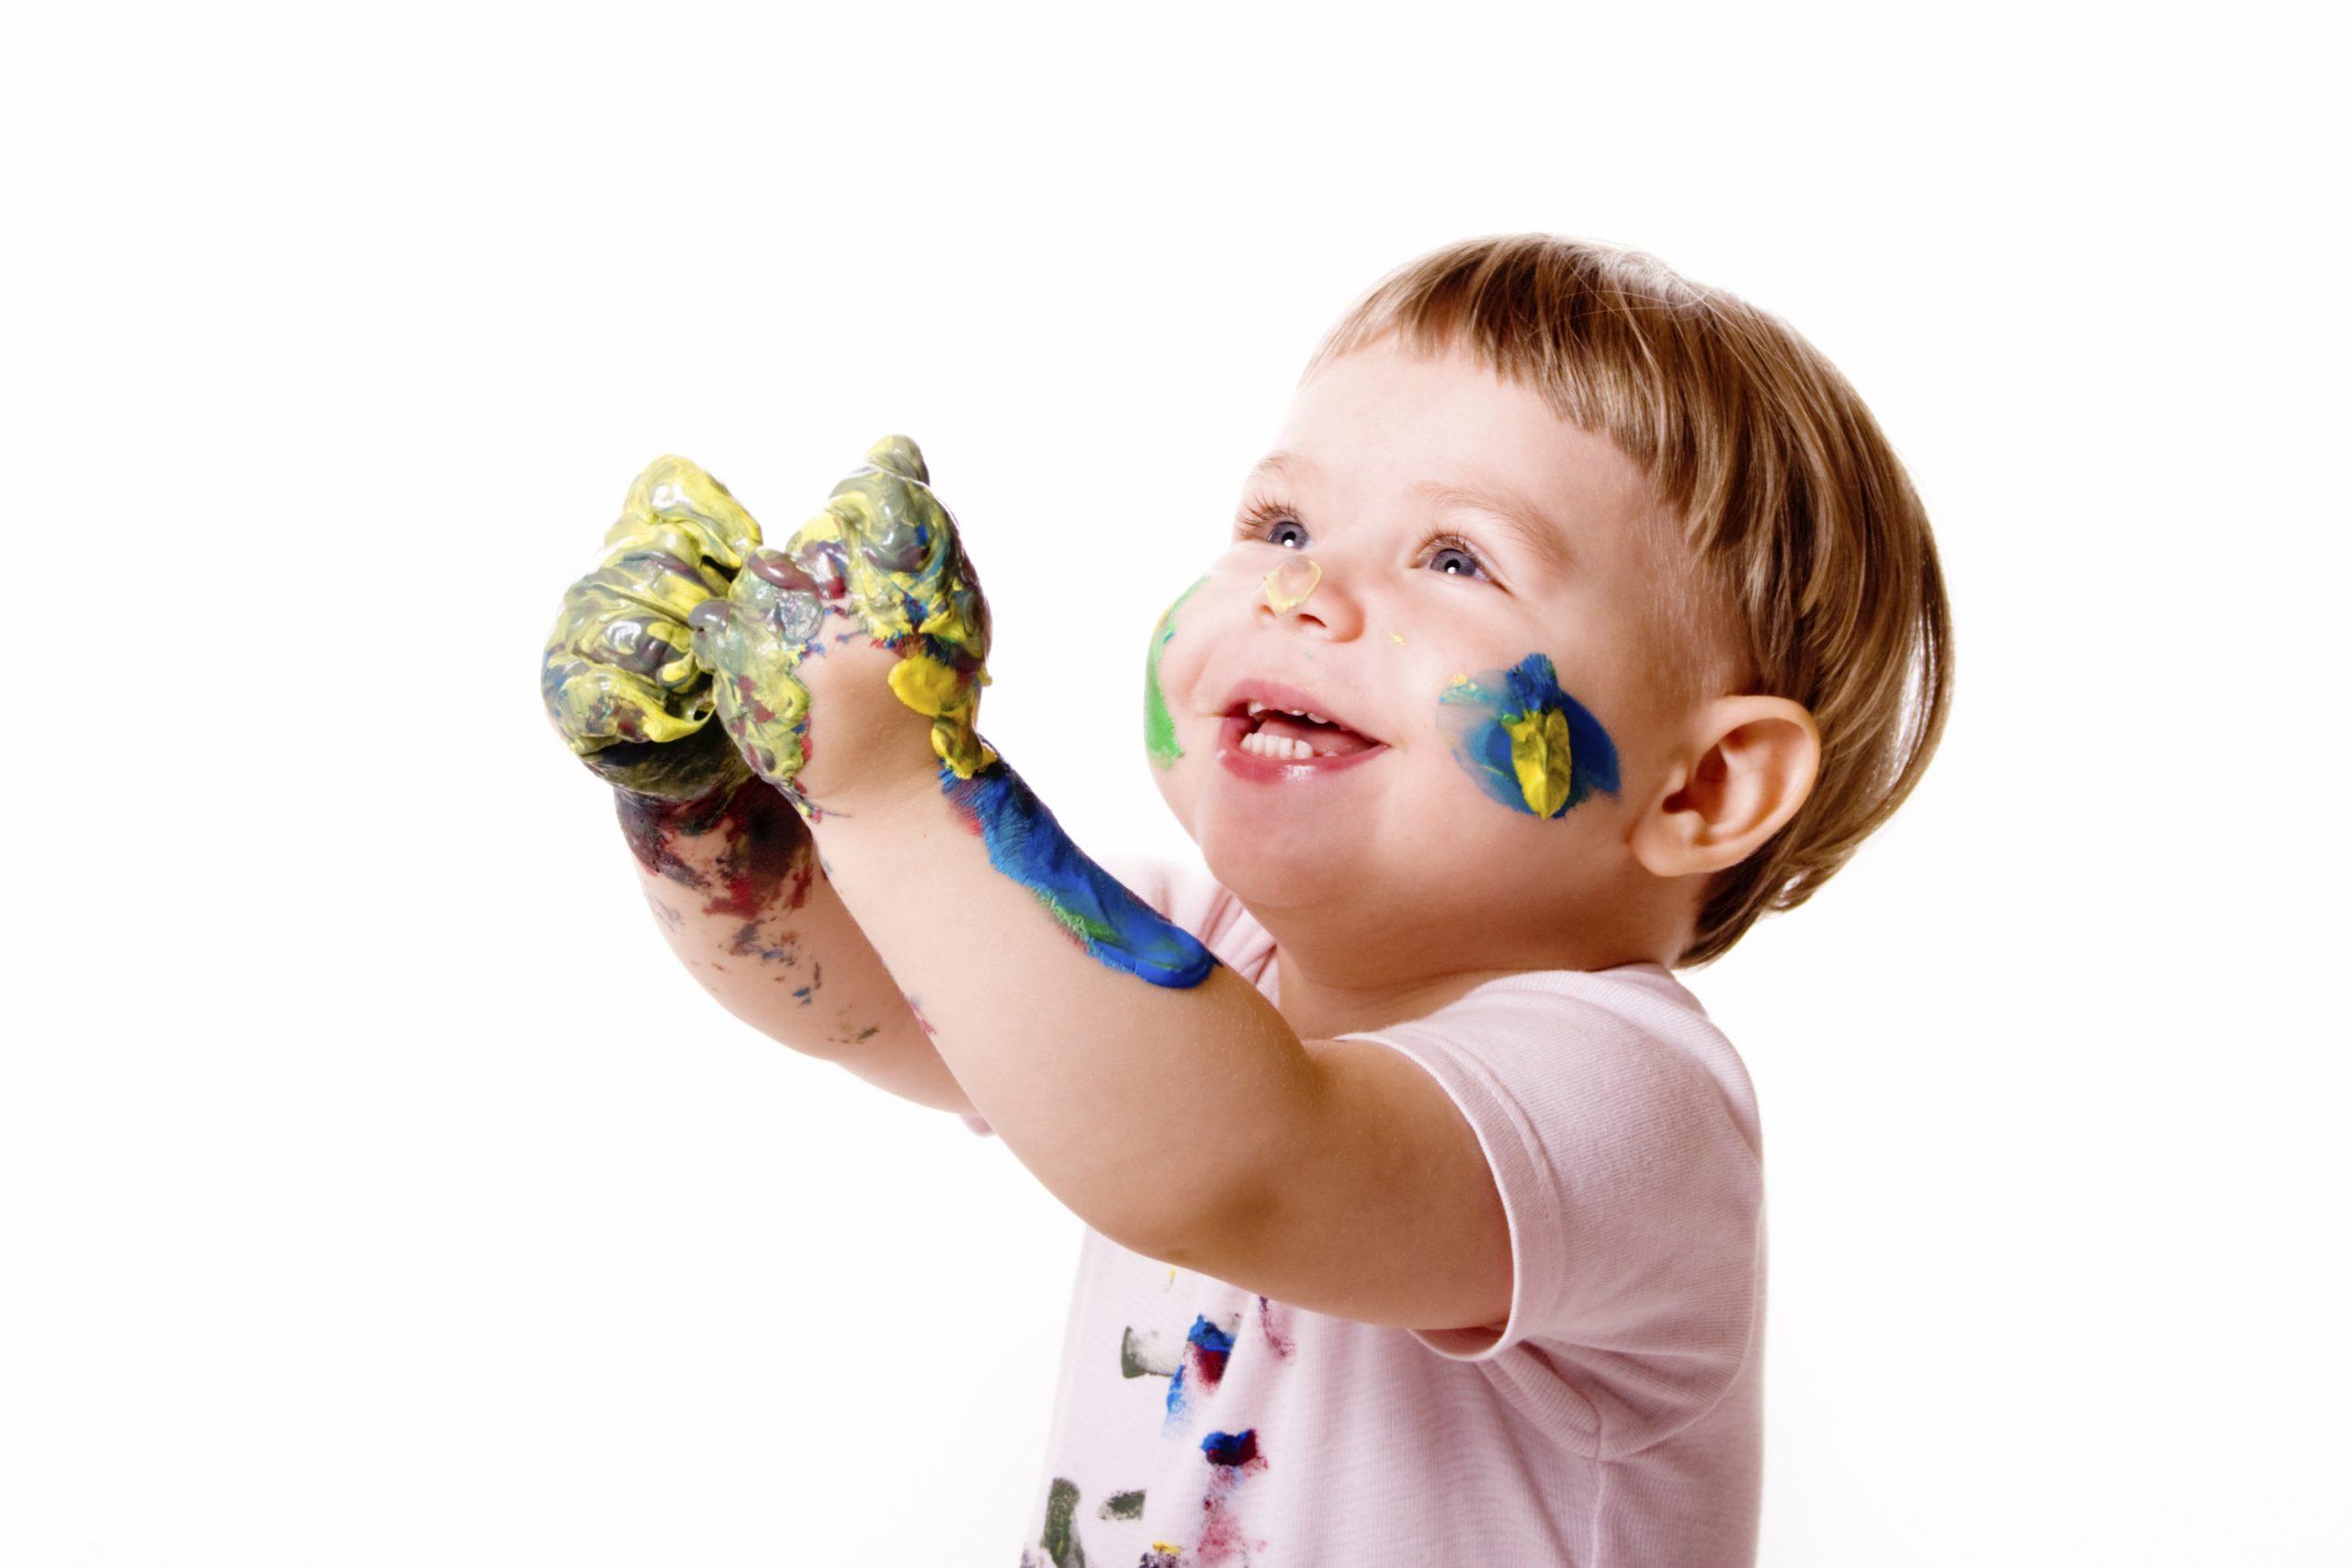 Bébé A 15 Mois : Jeux, Jouets Et Activités Ludiques concernant Jeux Ludique Pour Enfant